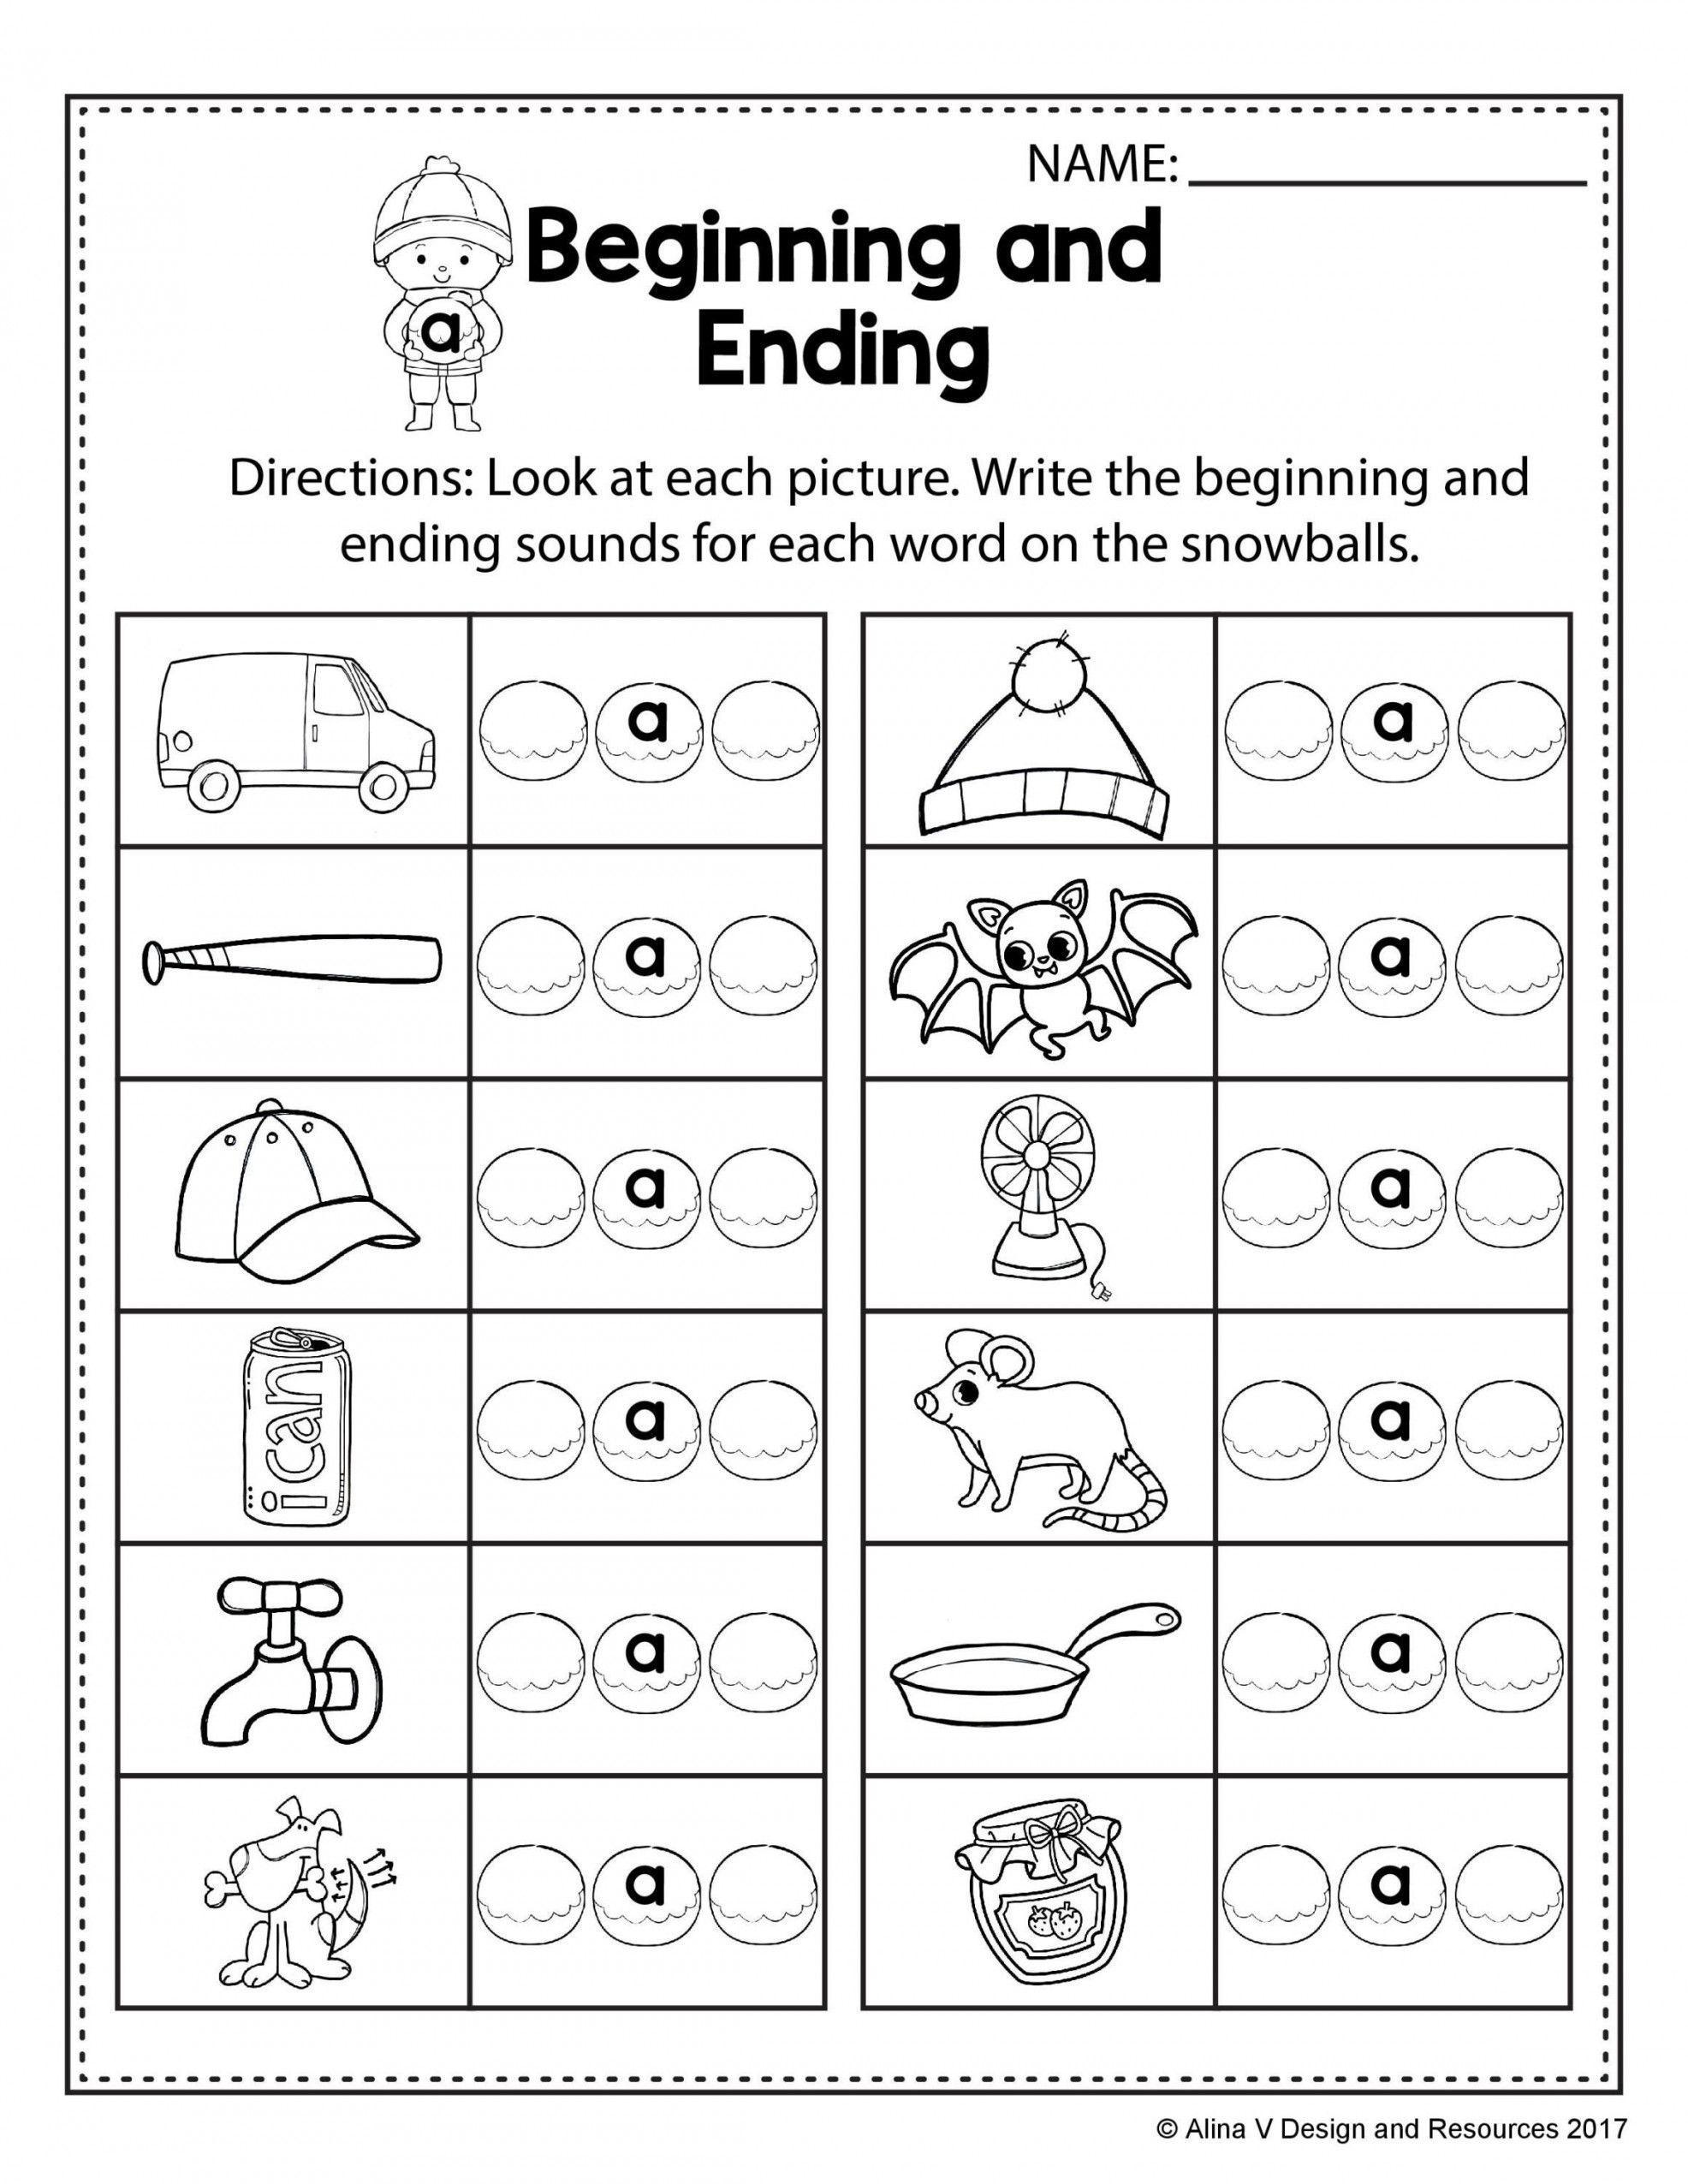 Cvc Words Worksheets Free Printable | Lostranquillos - Cvc Words Worksheets Free Printable